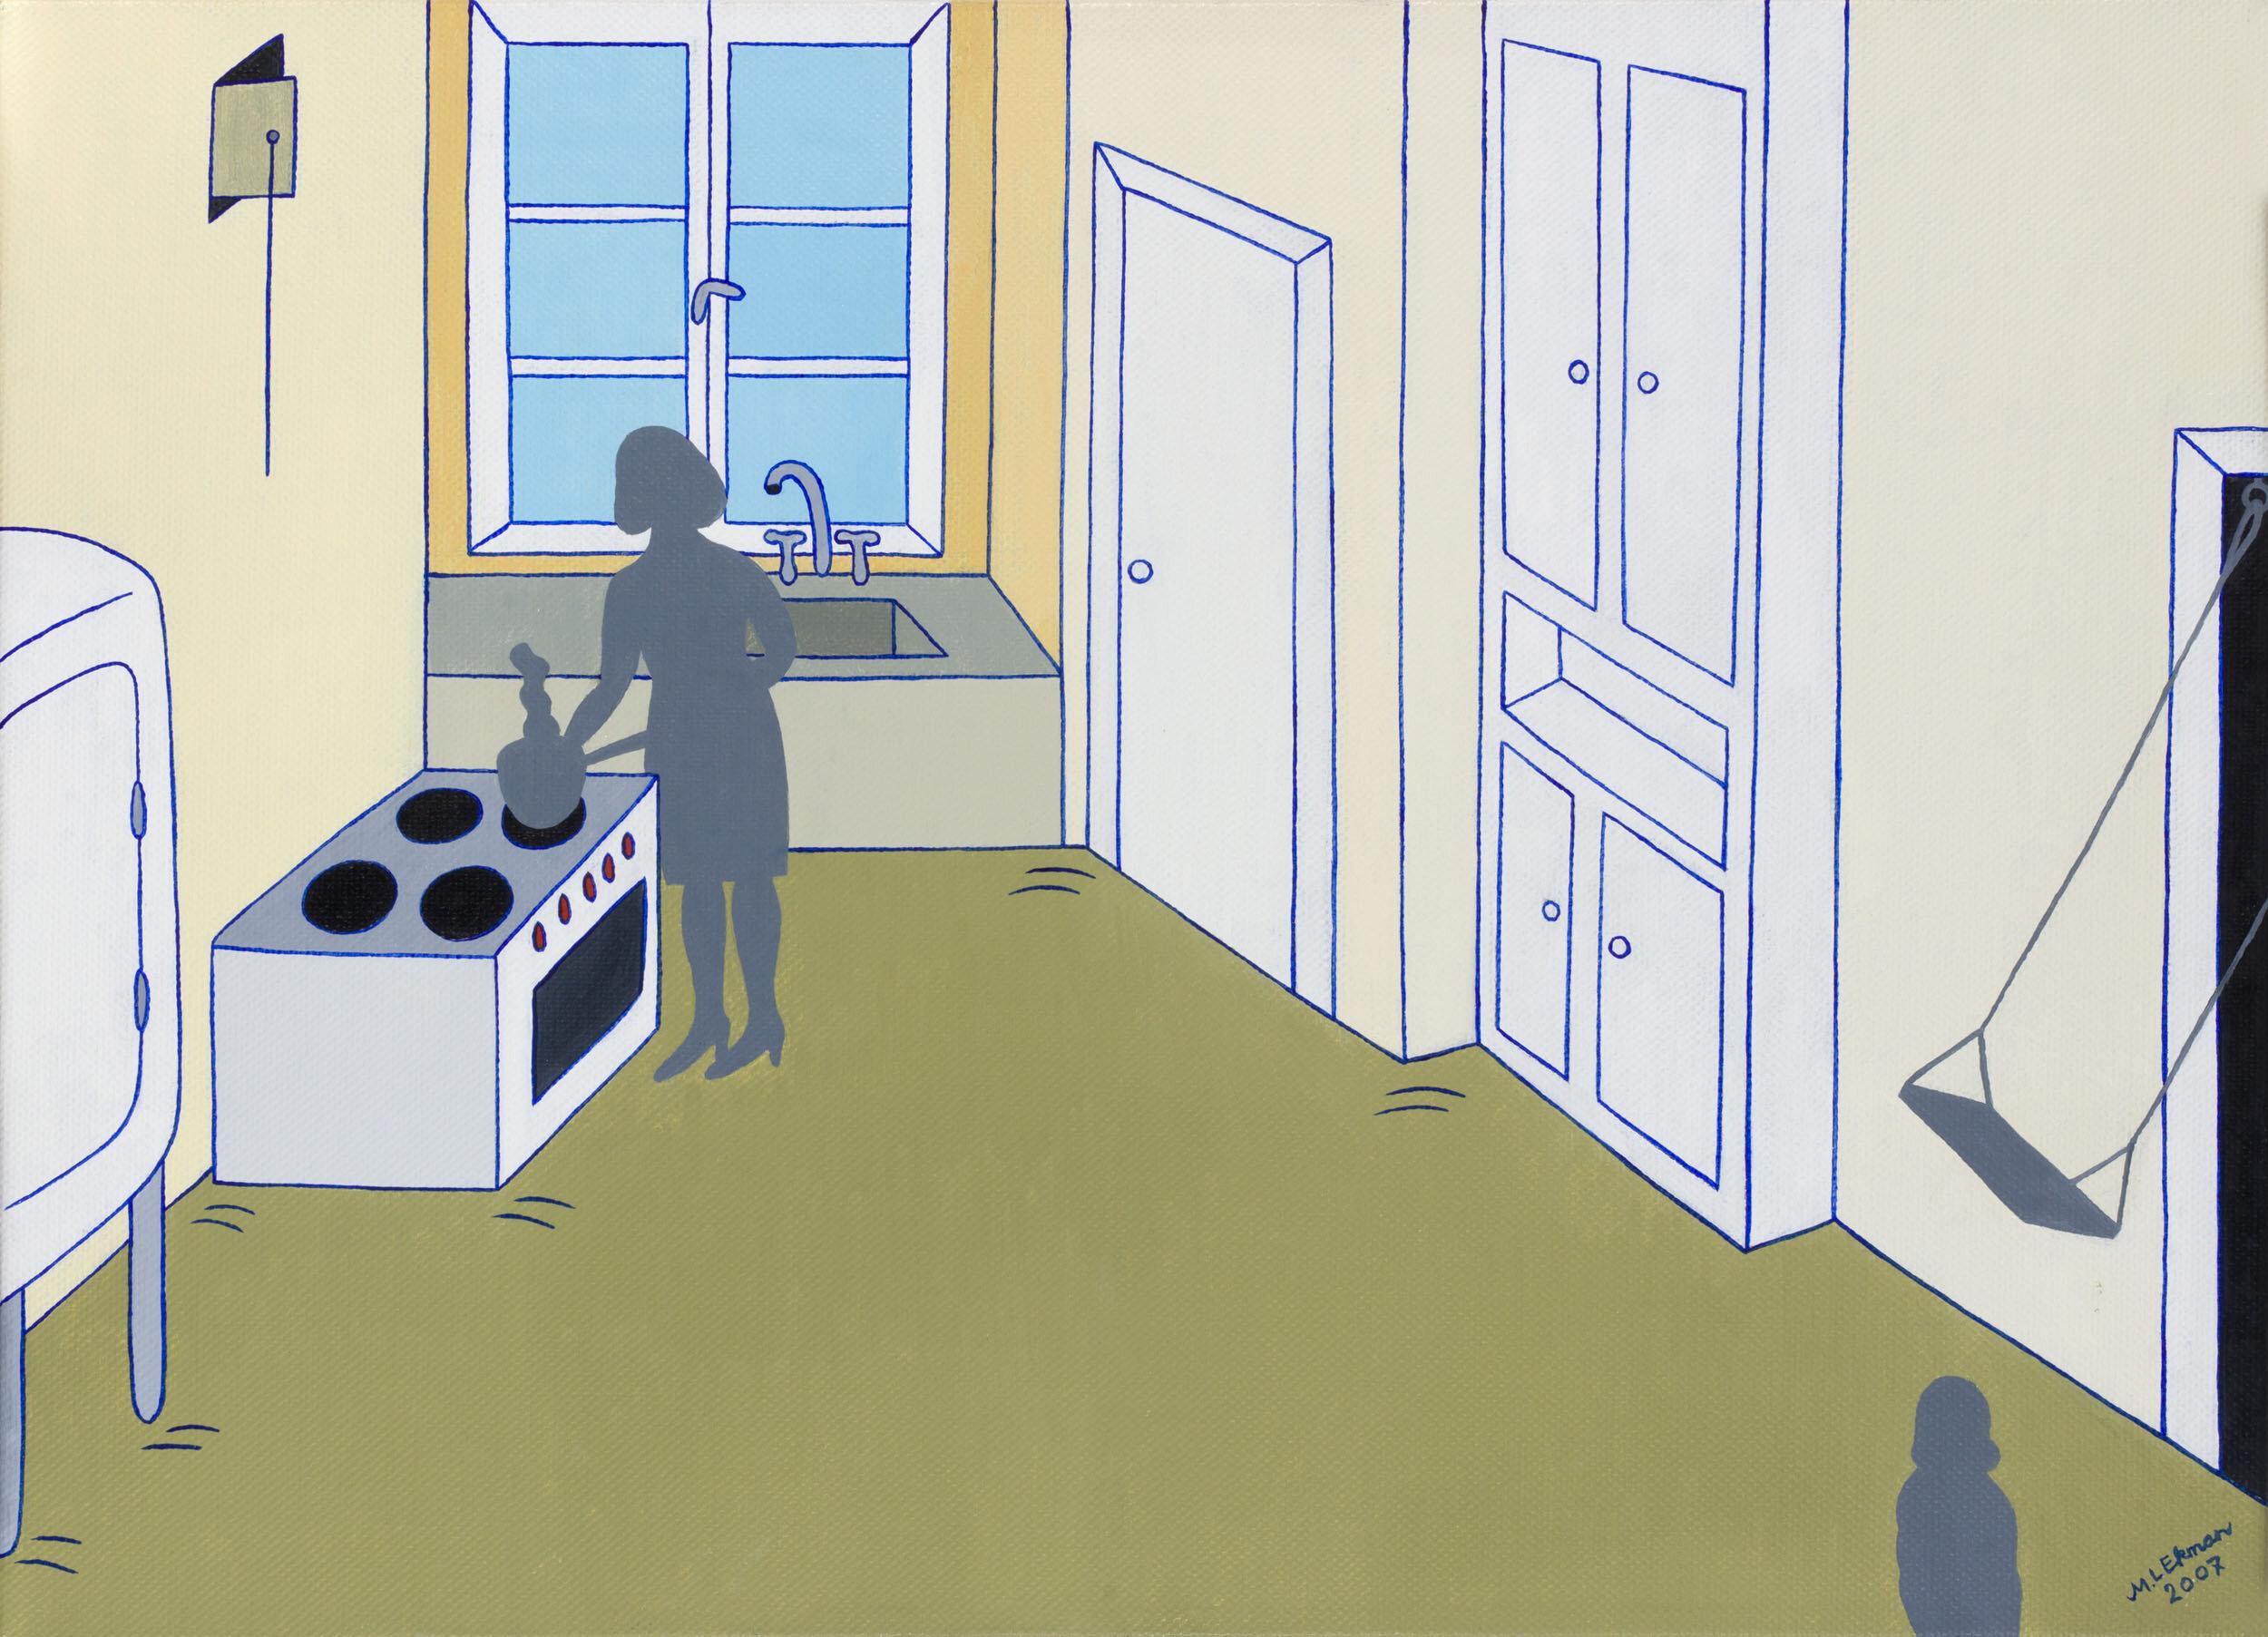 Marie-Louise Ekman   Det gamla köket  2008 Signerad och daterad Olja på duk 48 x 60 cm